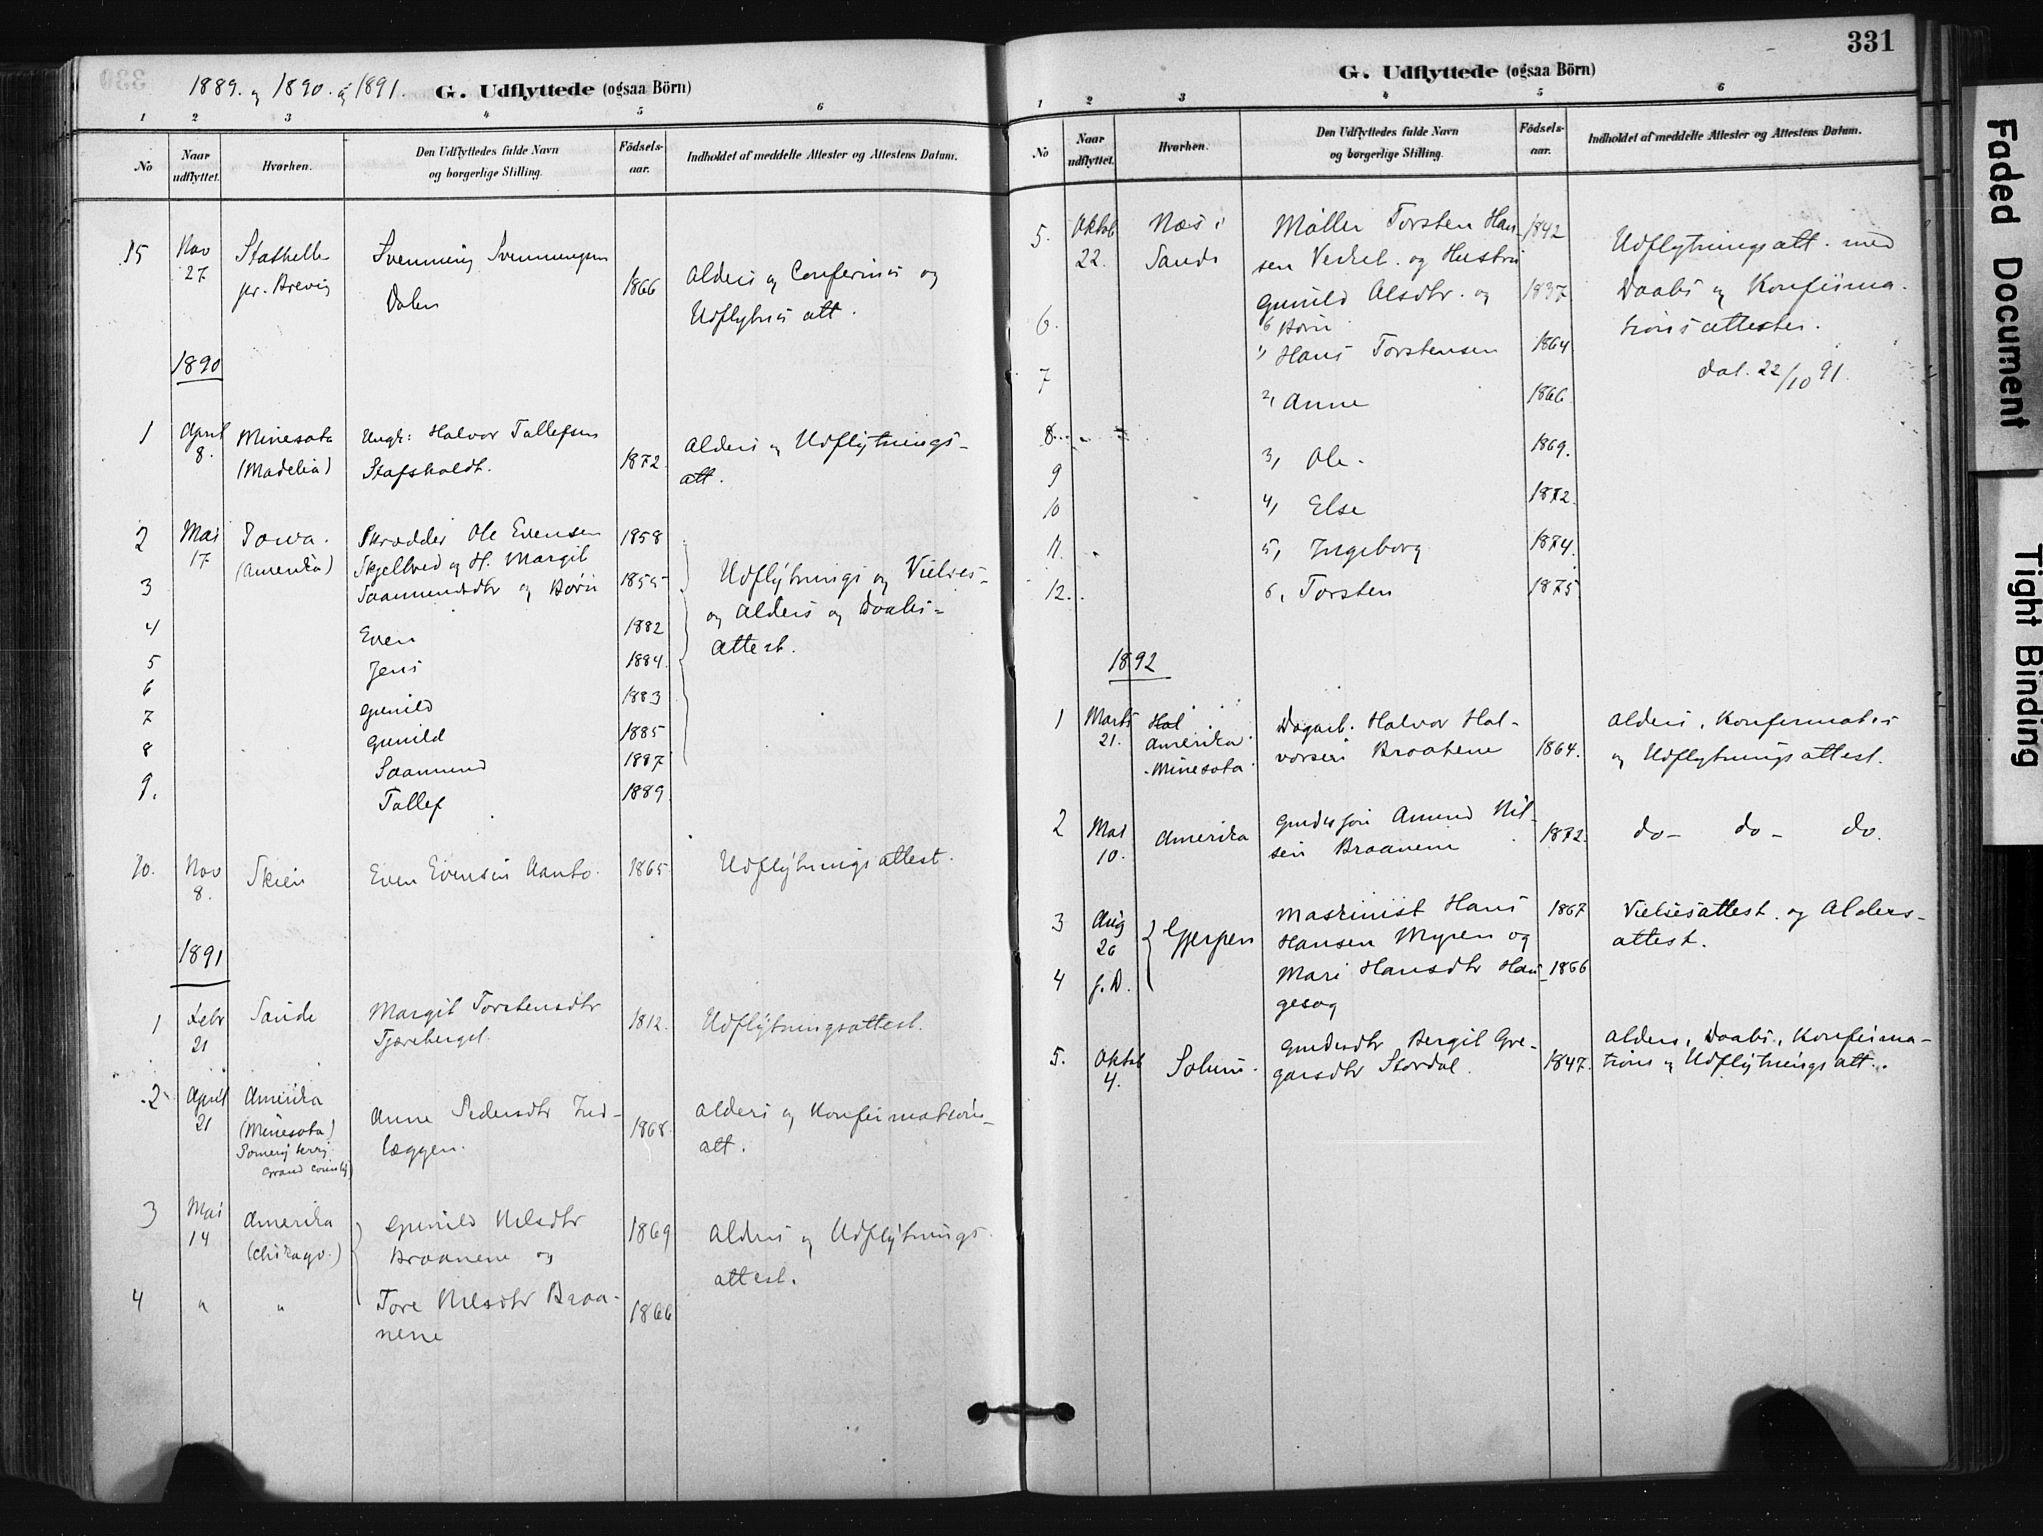 SAKO, Bø kirkebøker, F/Fa/L0010: Ministerialbok nr. 10, 1880-1892, s. 331